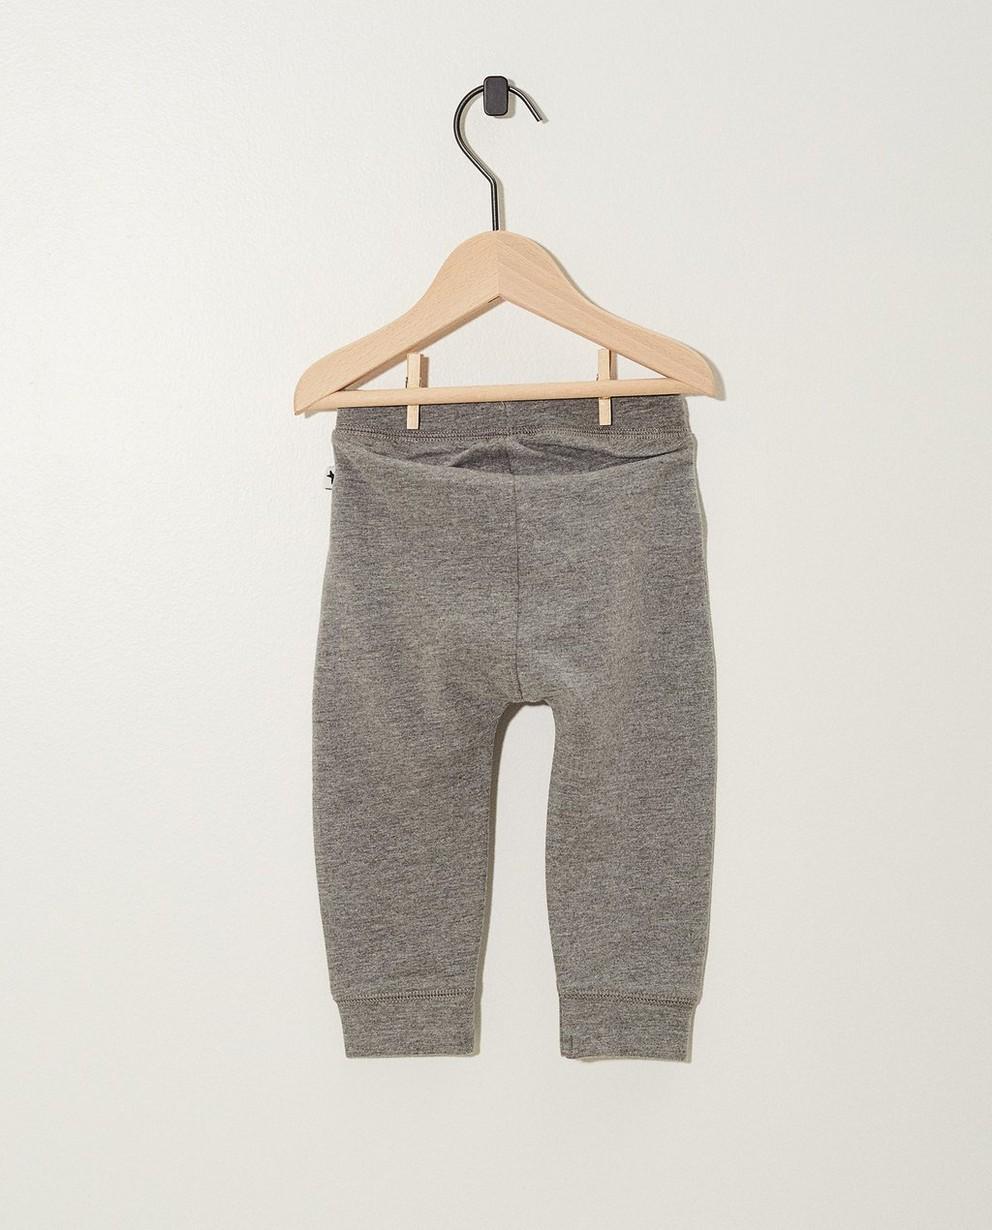 Pantalons - AO1 - Roze joggingsbroek van biokatoen